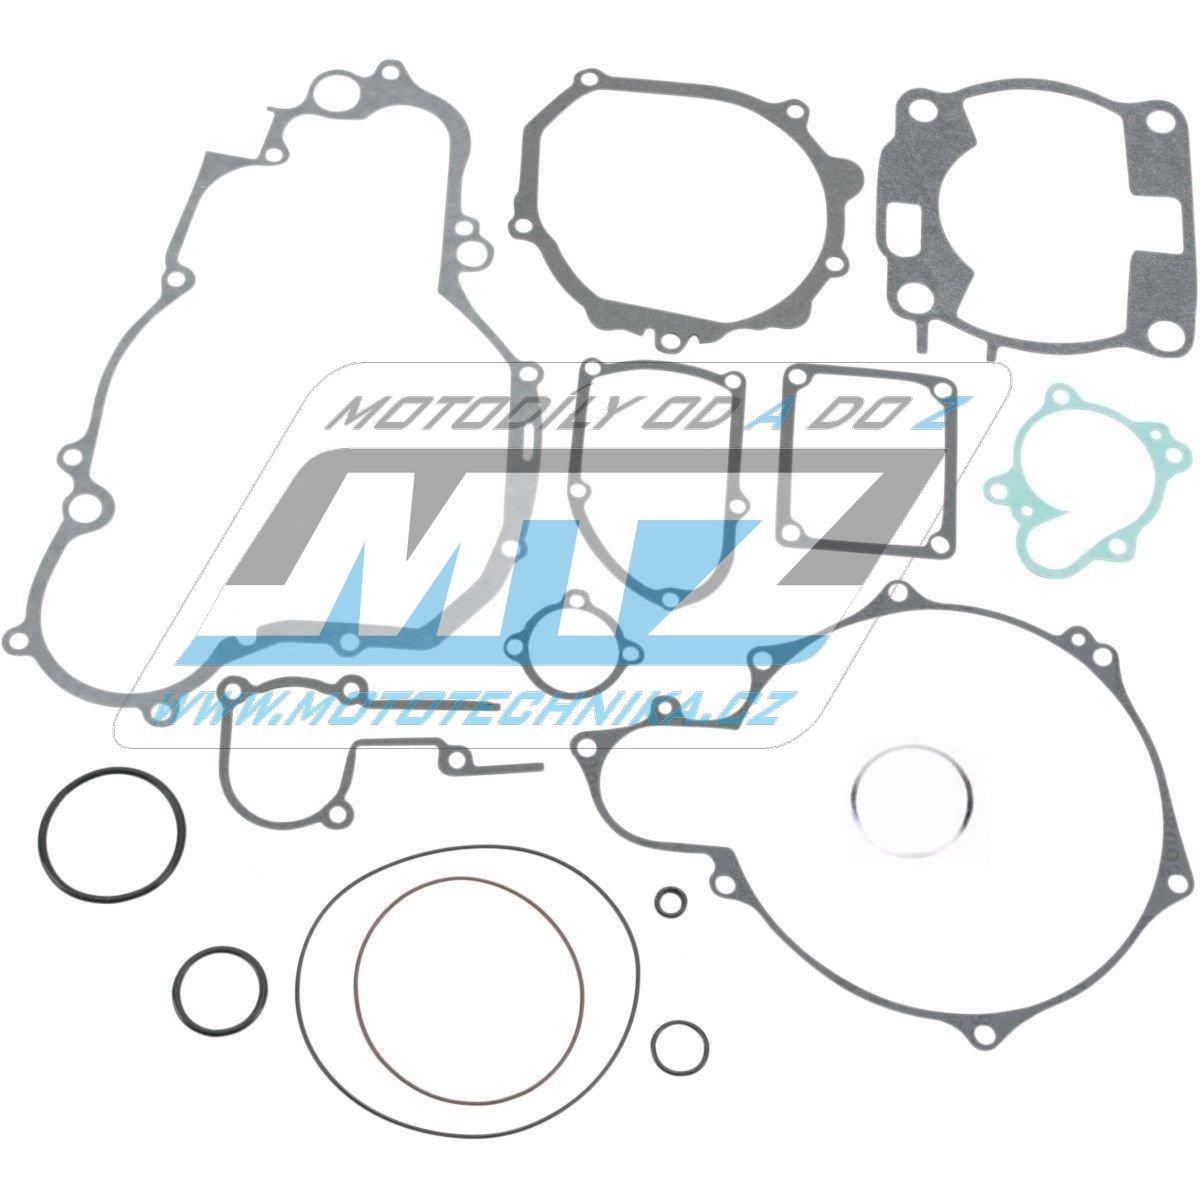 Těsnění kompletní motor Yamaha YZ250 / 90-94